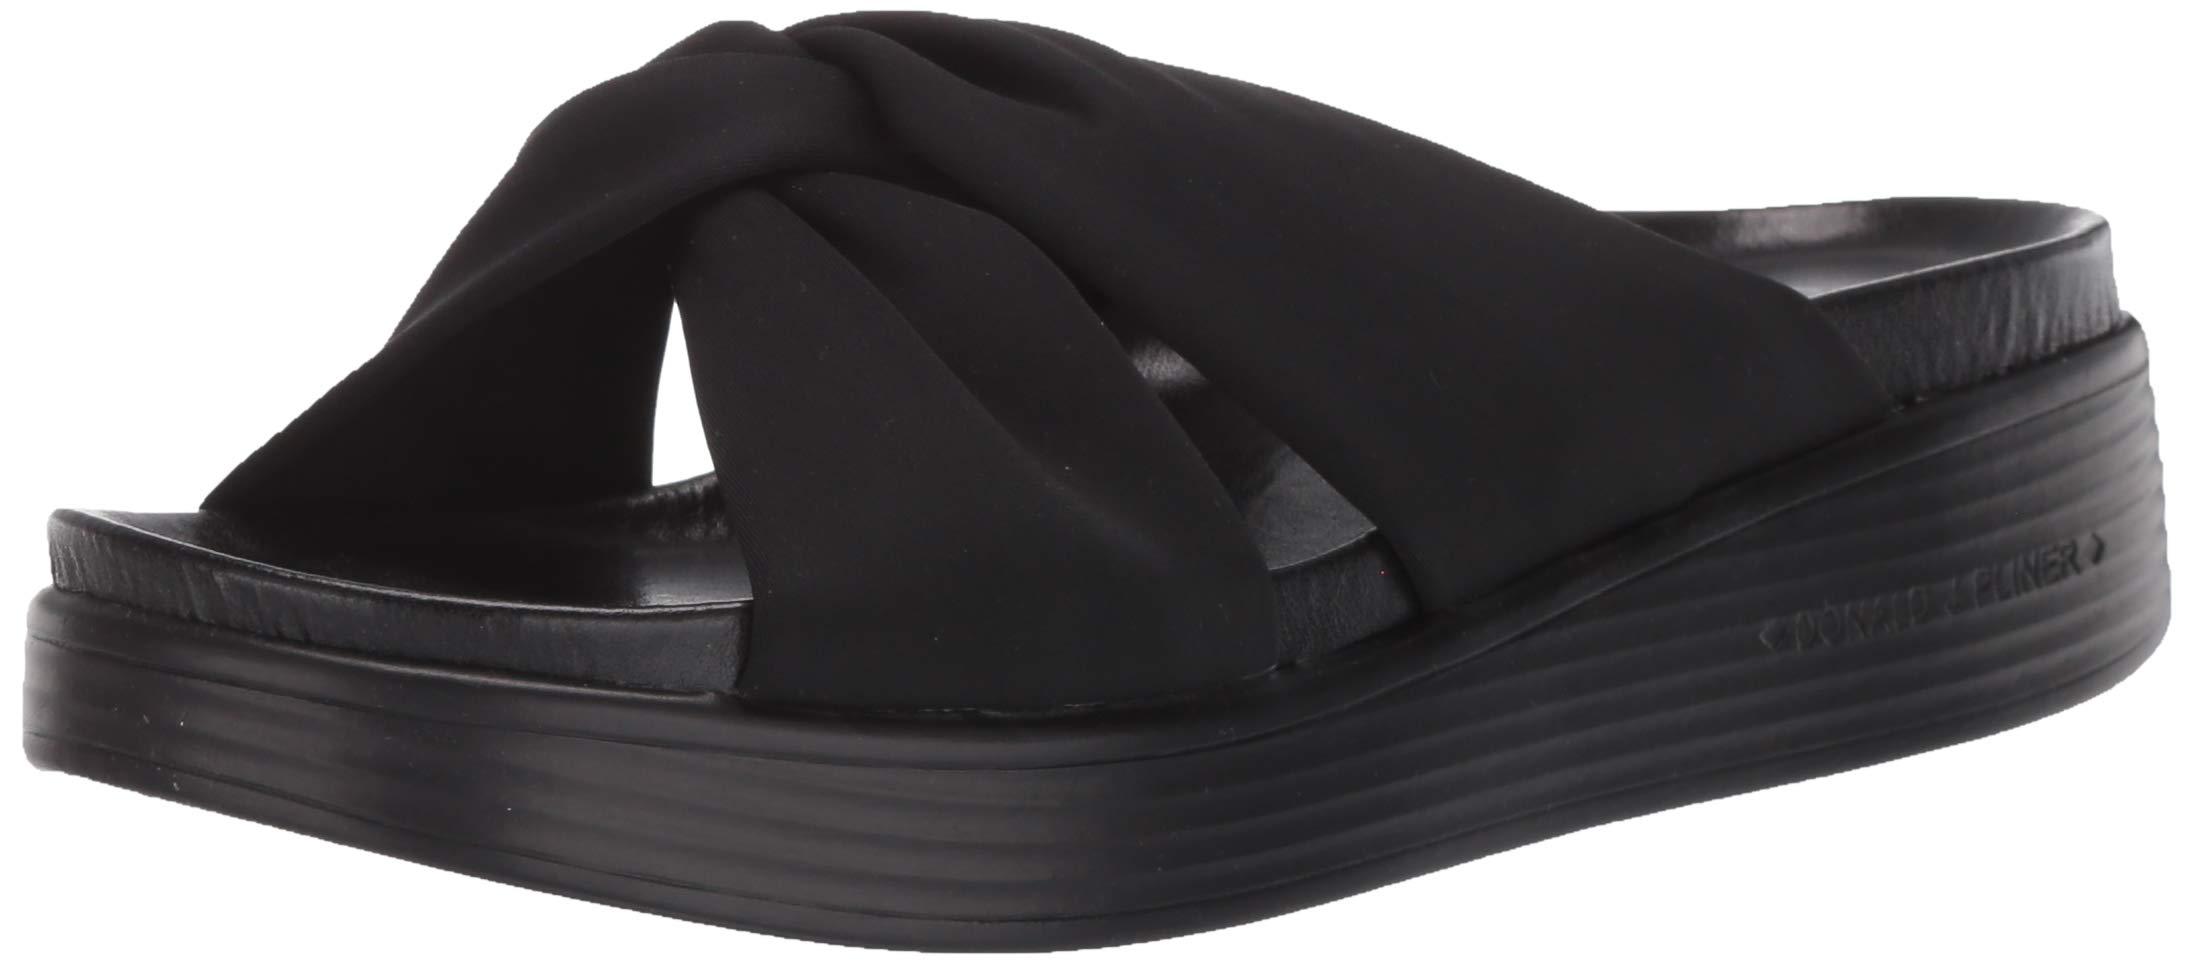 Women's Flat Sandal